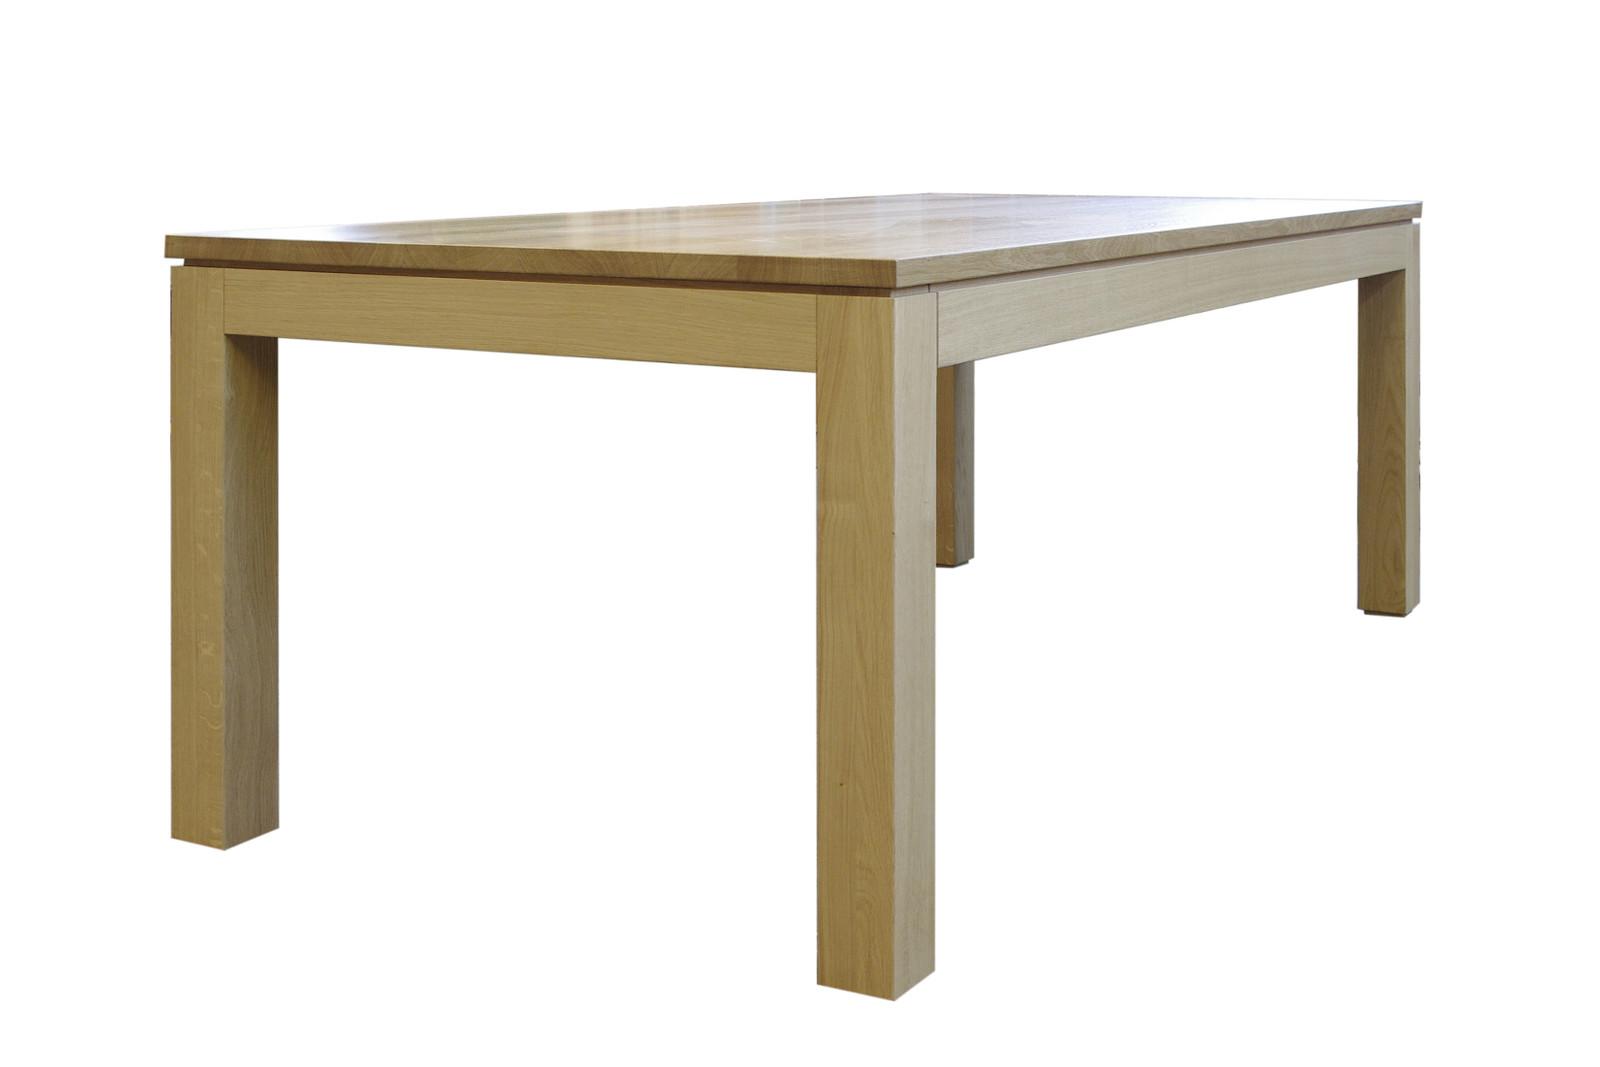 Esstisch / Tisch Platon, in Eiche, Asteiche, Buche, Kirschbaum, Kernbuche, Ahorn oder Nußbaum / Kopfauszug - Stollenauszug - Querauszug